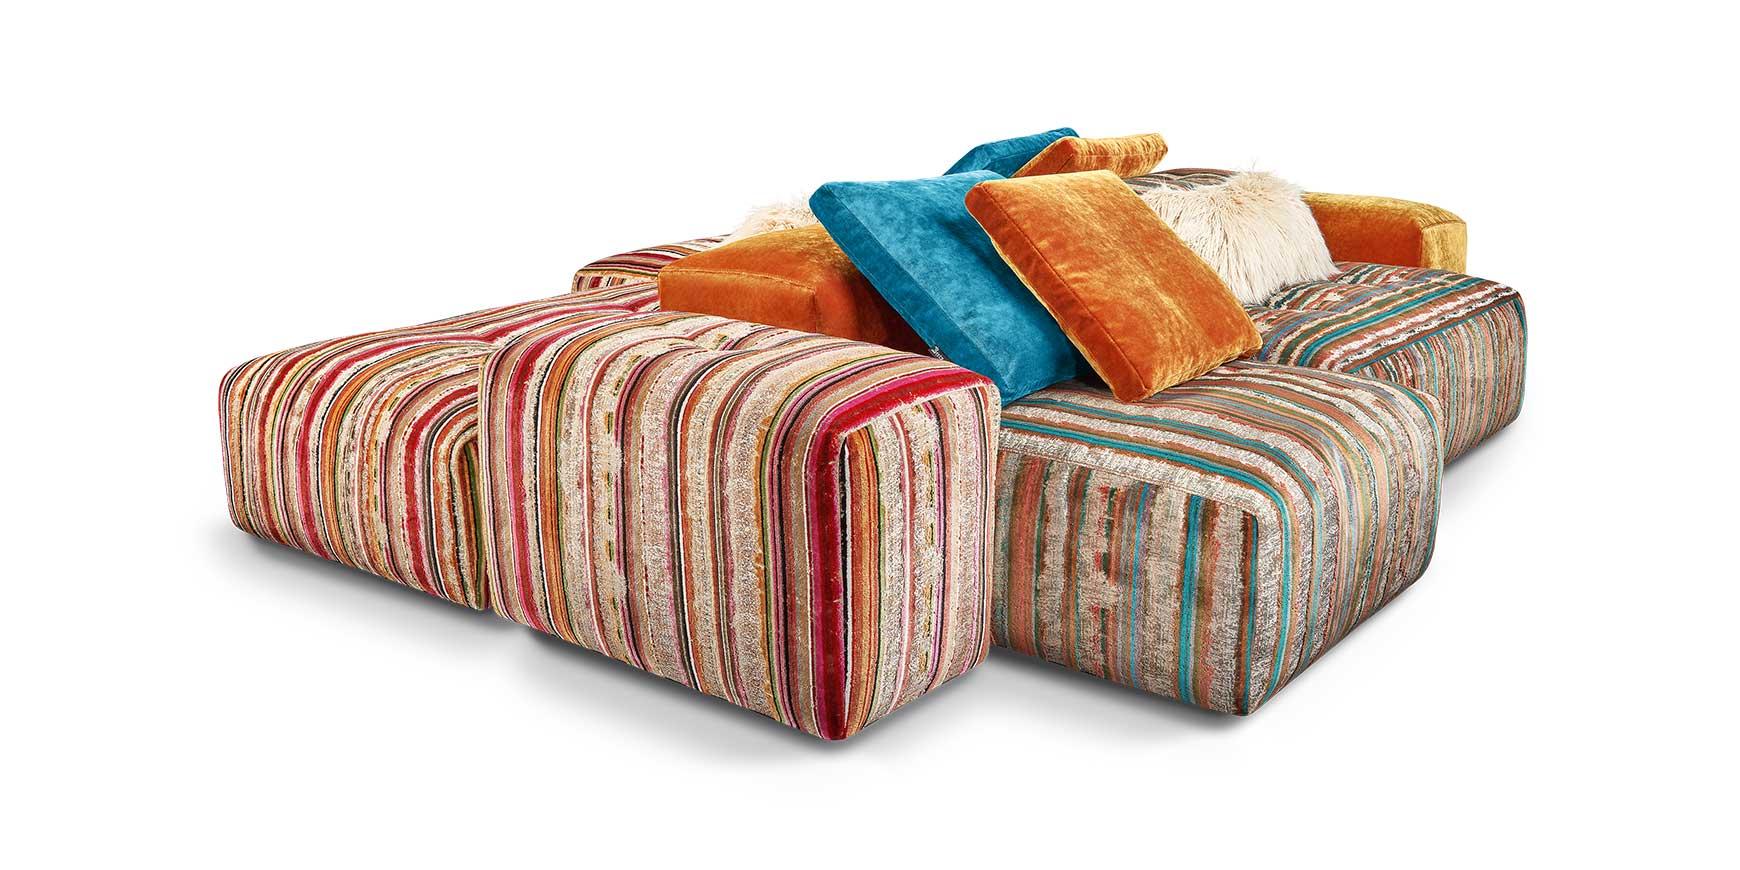 drop city sofa als anbaulandschaft als variante